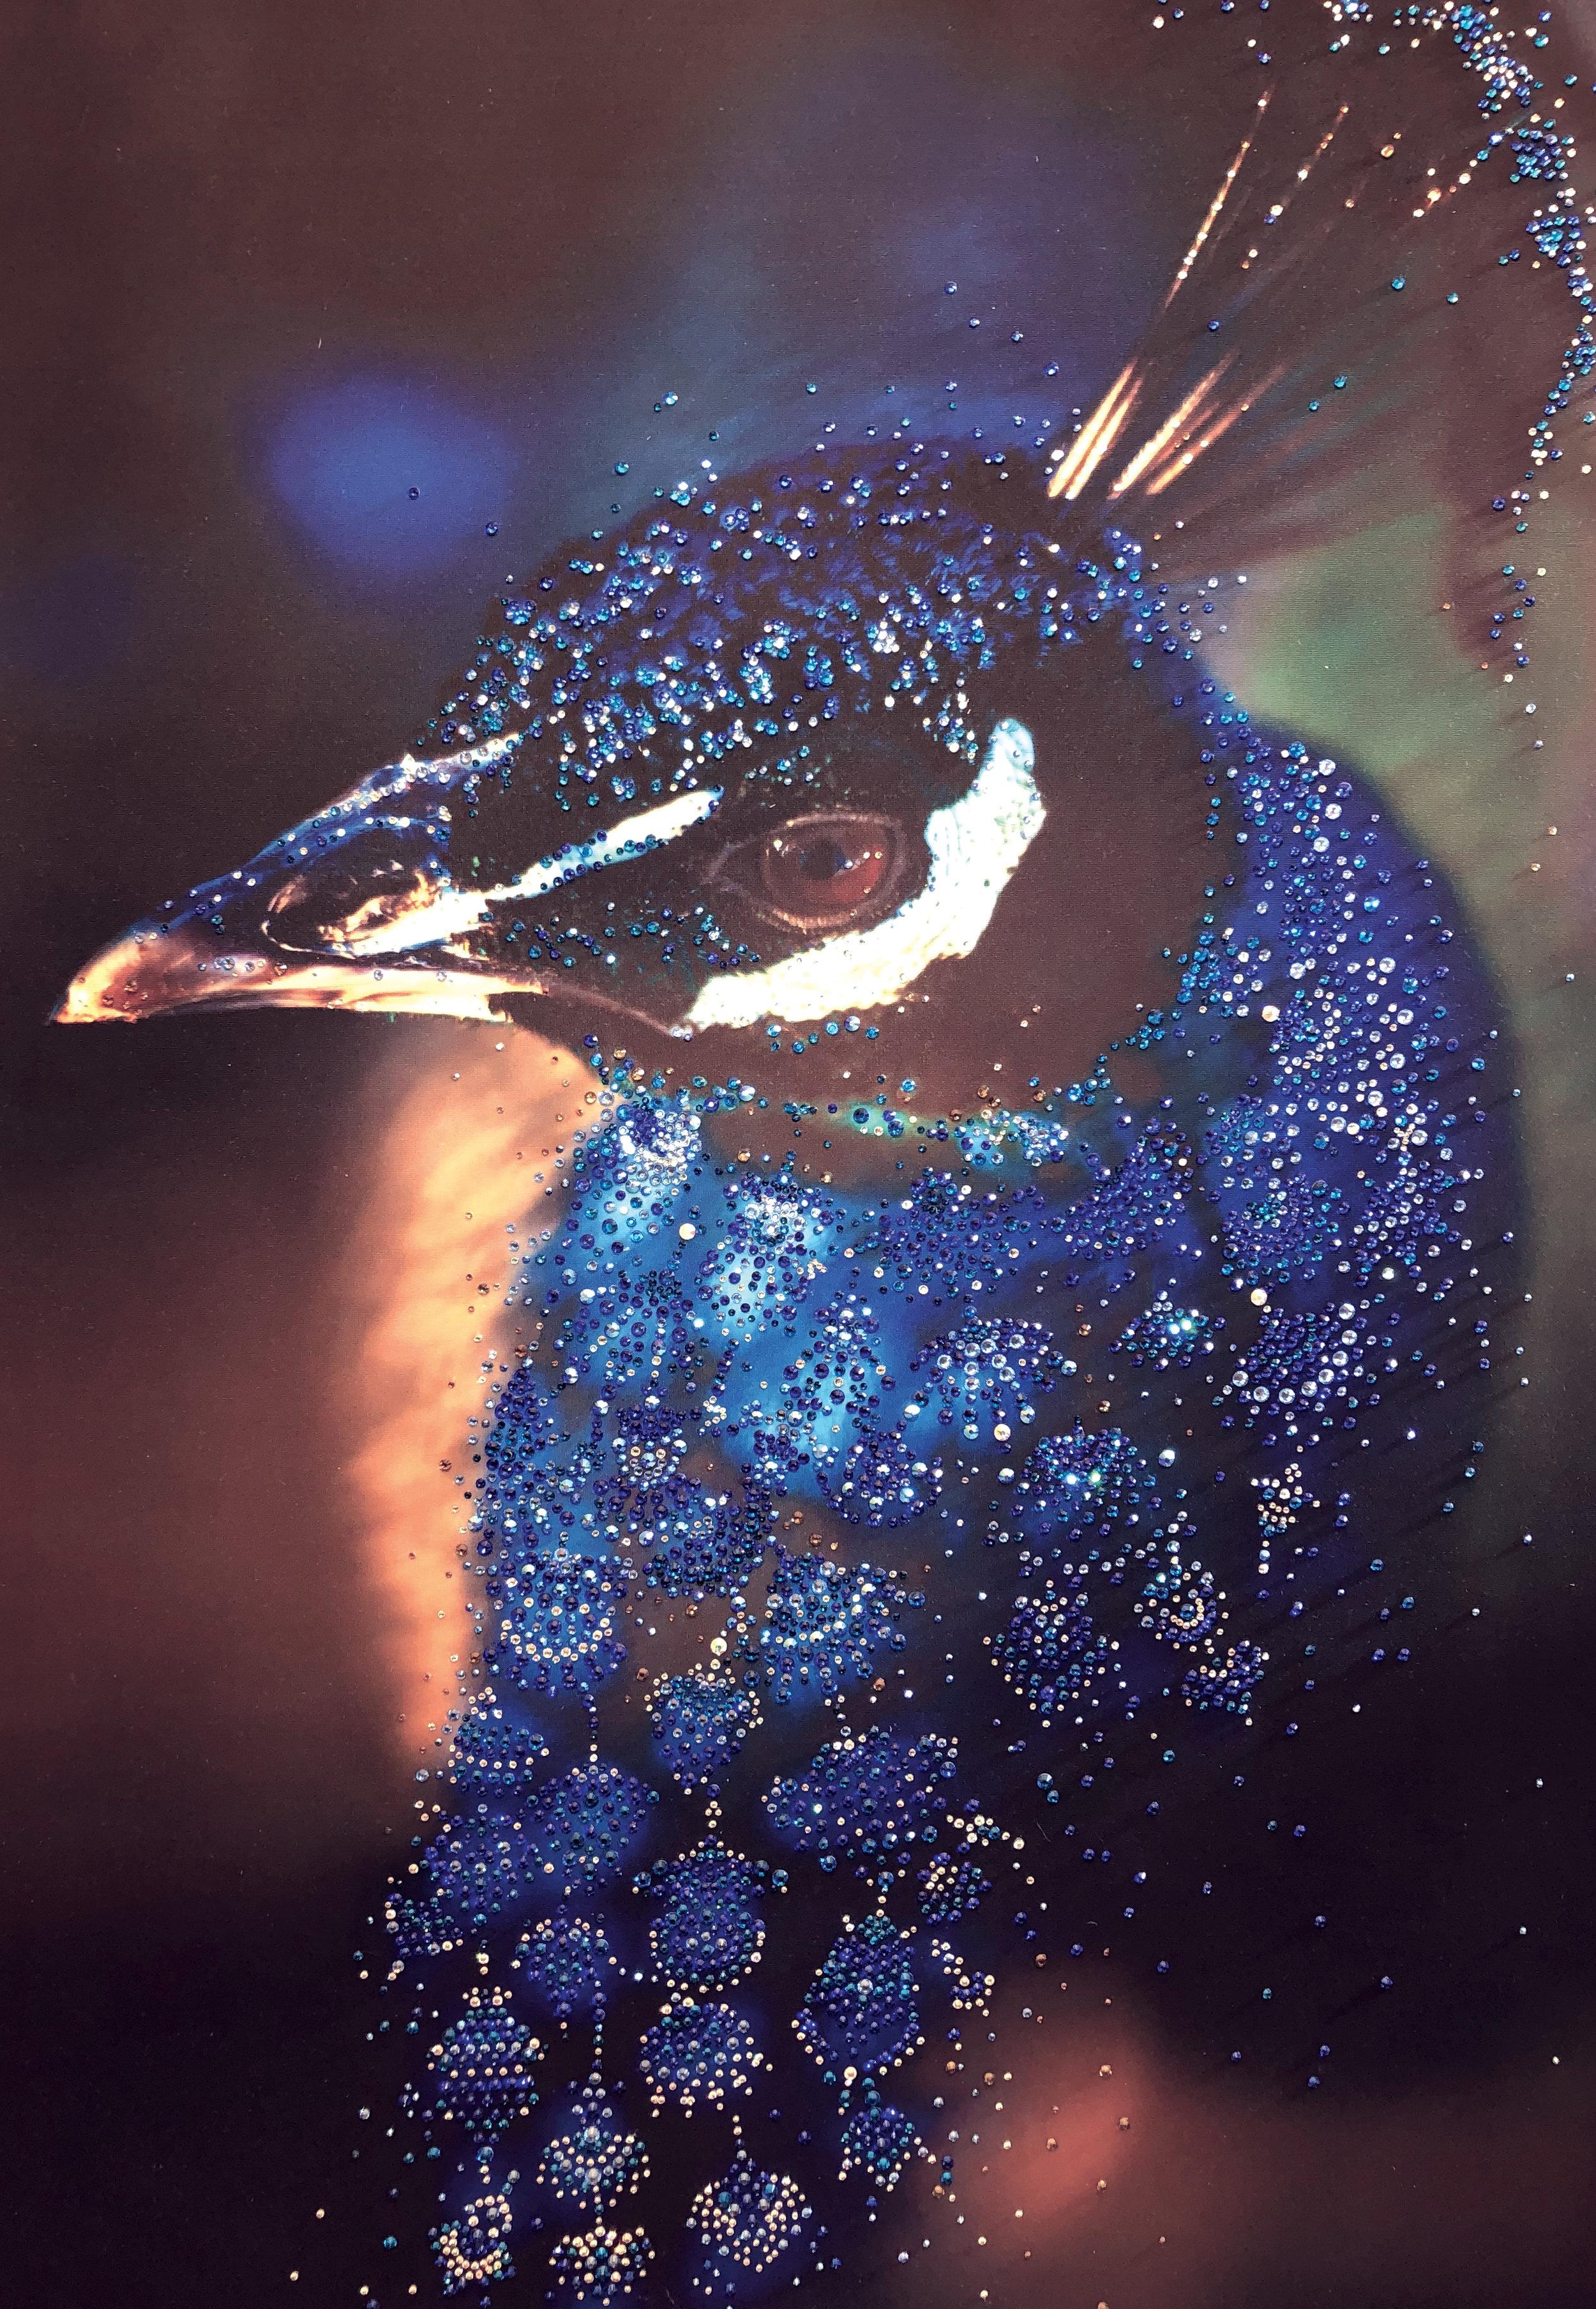 PAVONE - VanitartCollezione AnimaliMisura 70x100 cmLavorazione in cristalli Swarovski